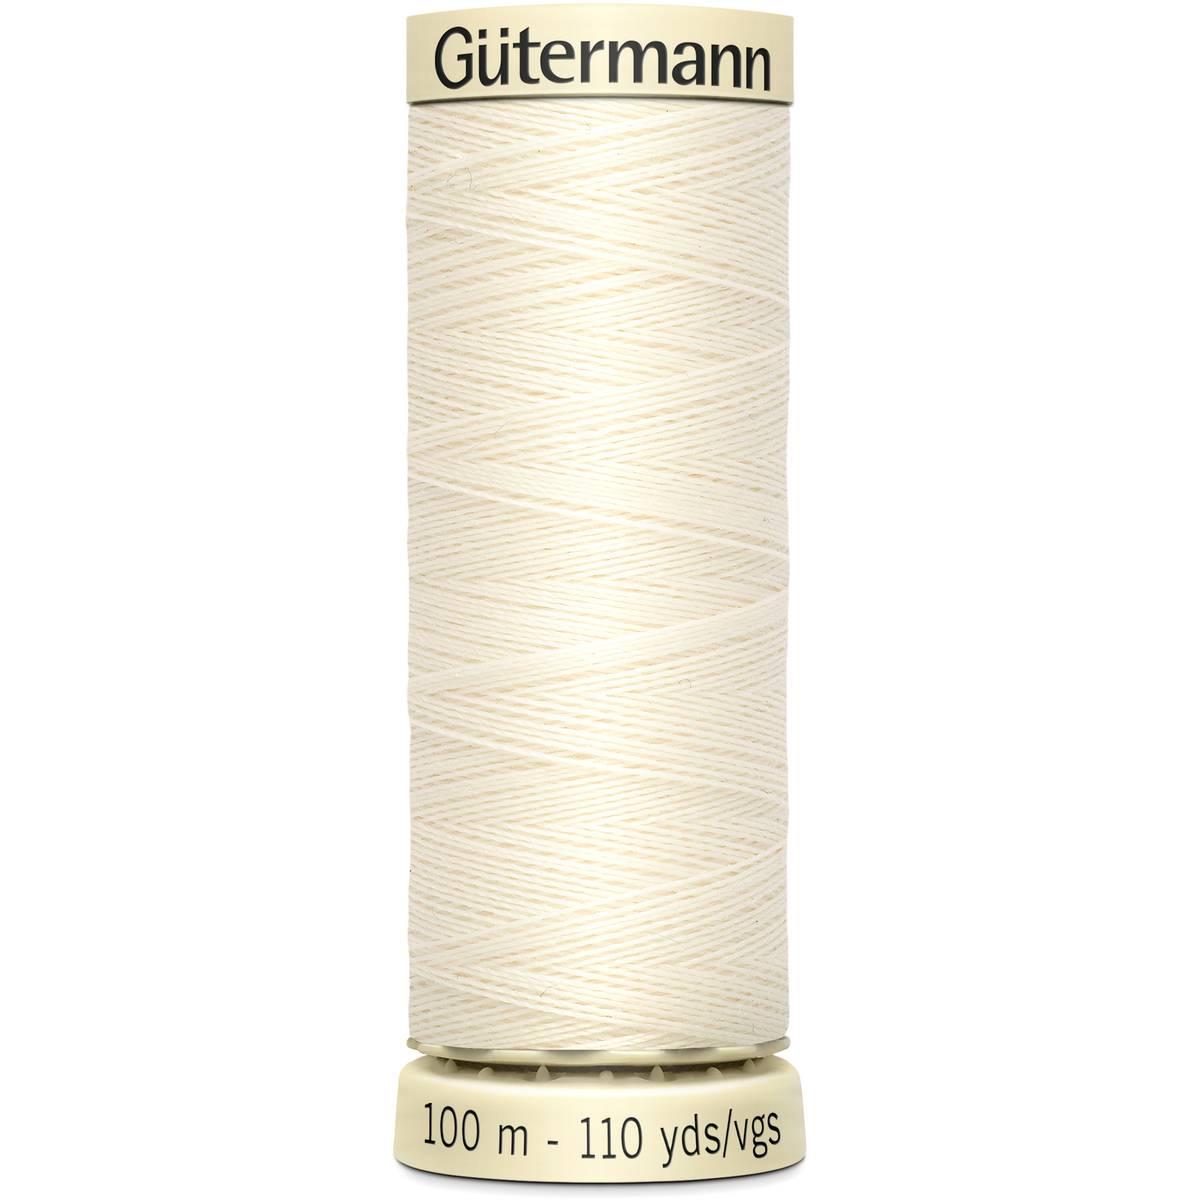 חוט תפירה גוטרמן - White 1